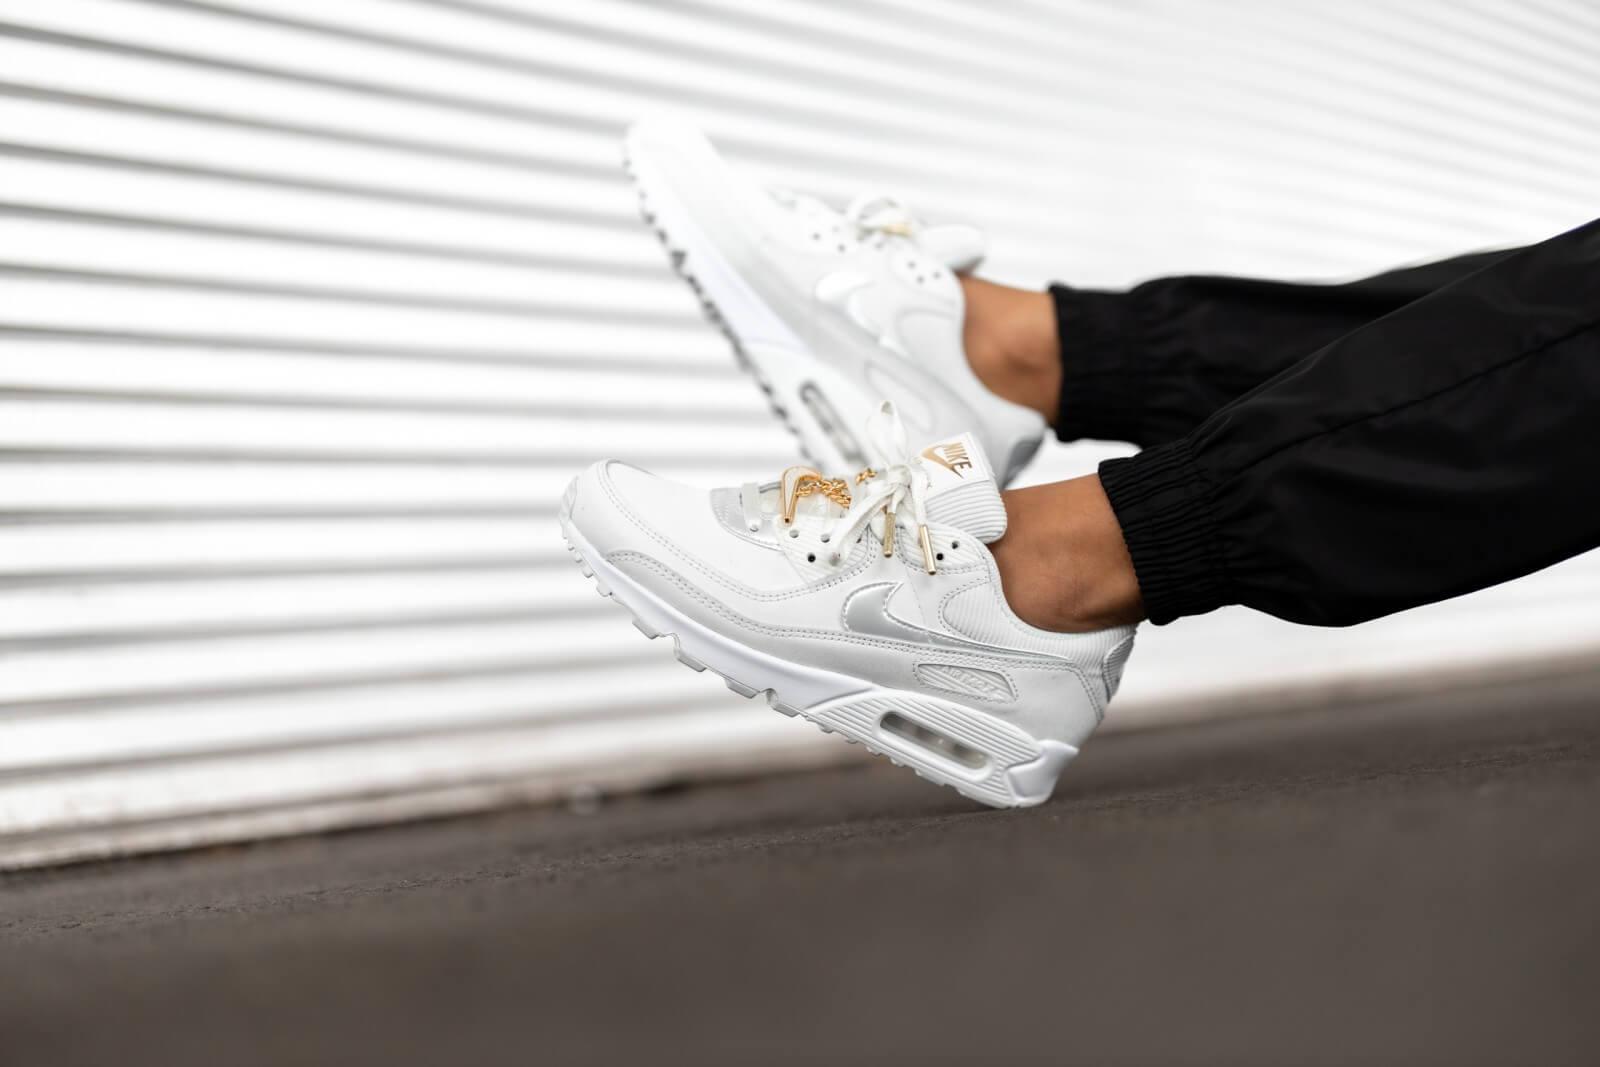 Nike Women's Air Max 90 Summit White/Dark Beetroot-White